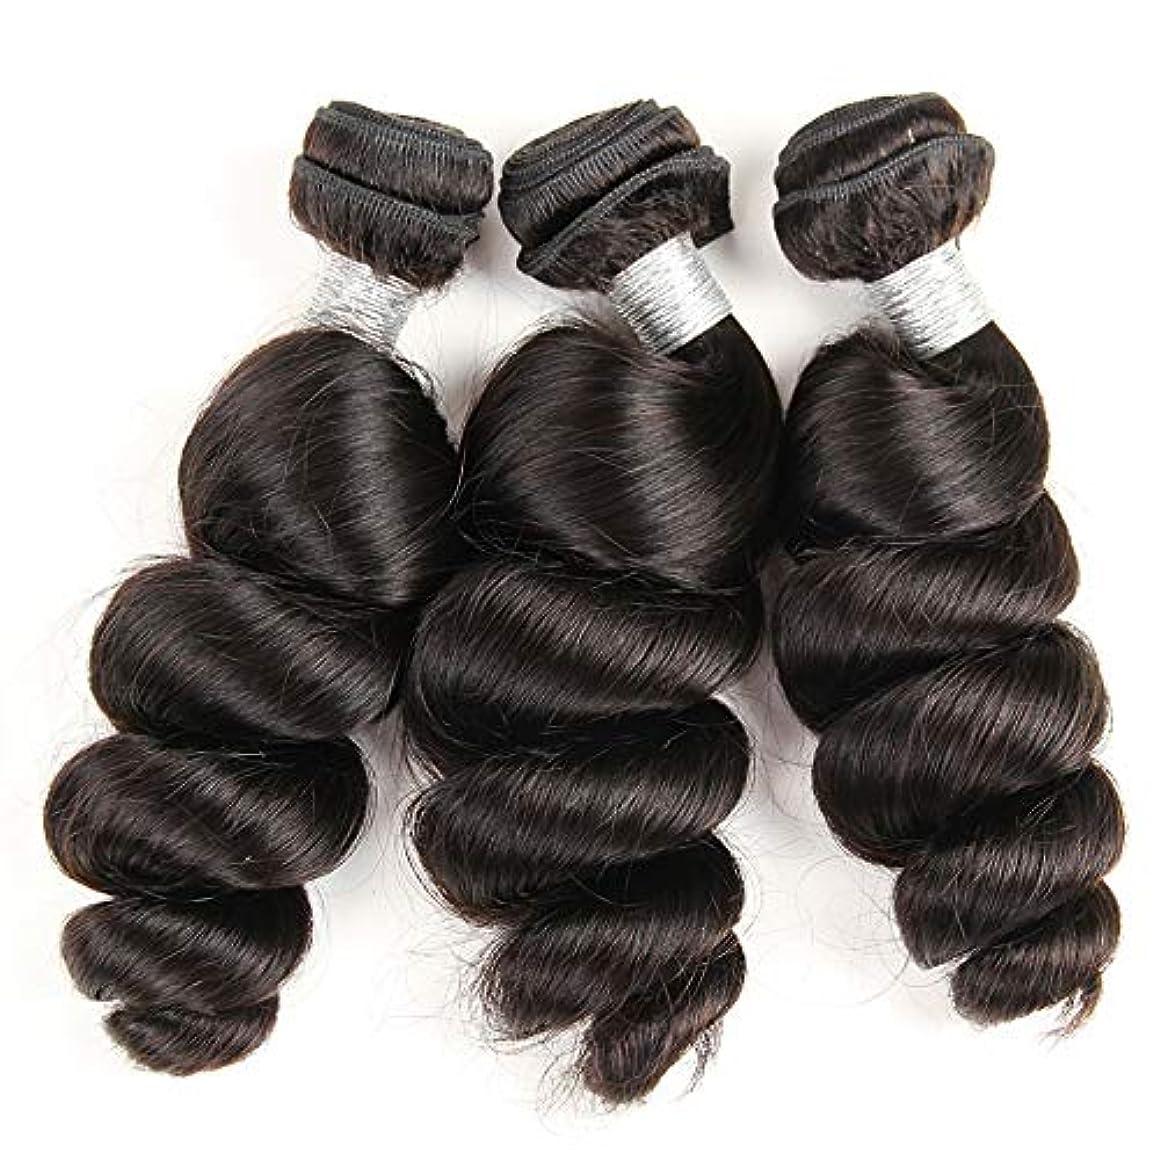 ピック遊具磁気女性ブラジルバージンルースディープウェーブ1バンドル人間の髪未処理のremyミンクルースカーリーヘアエクステンション織り